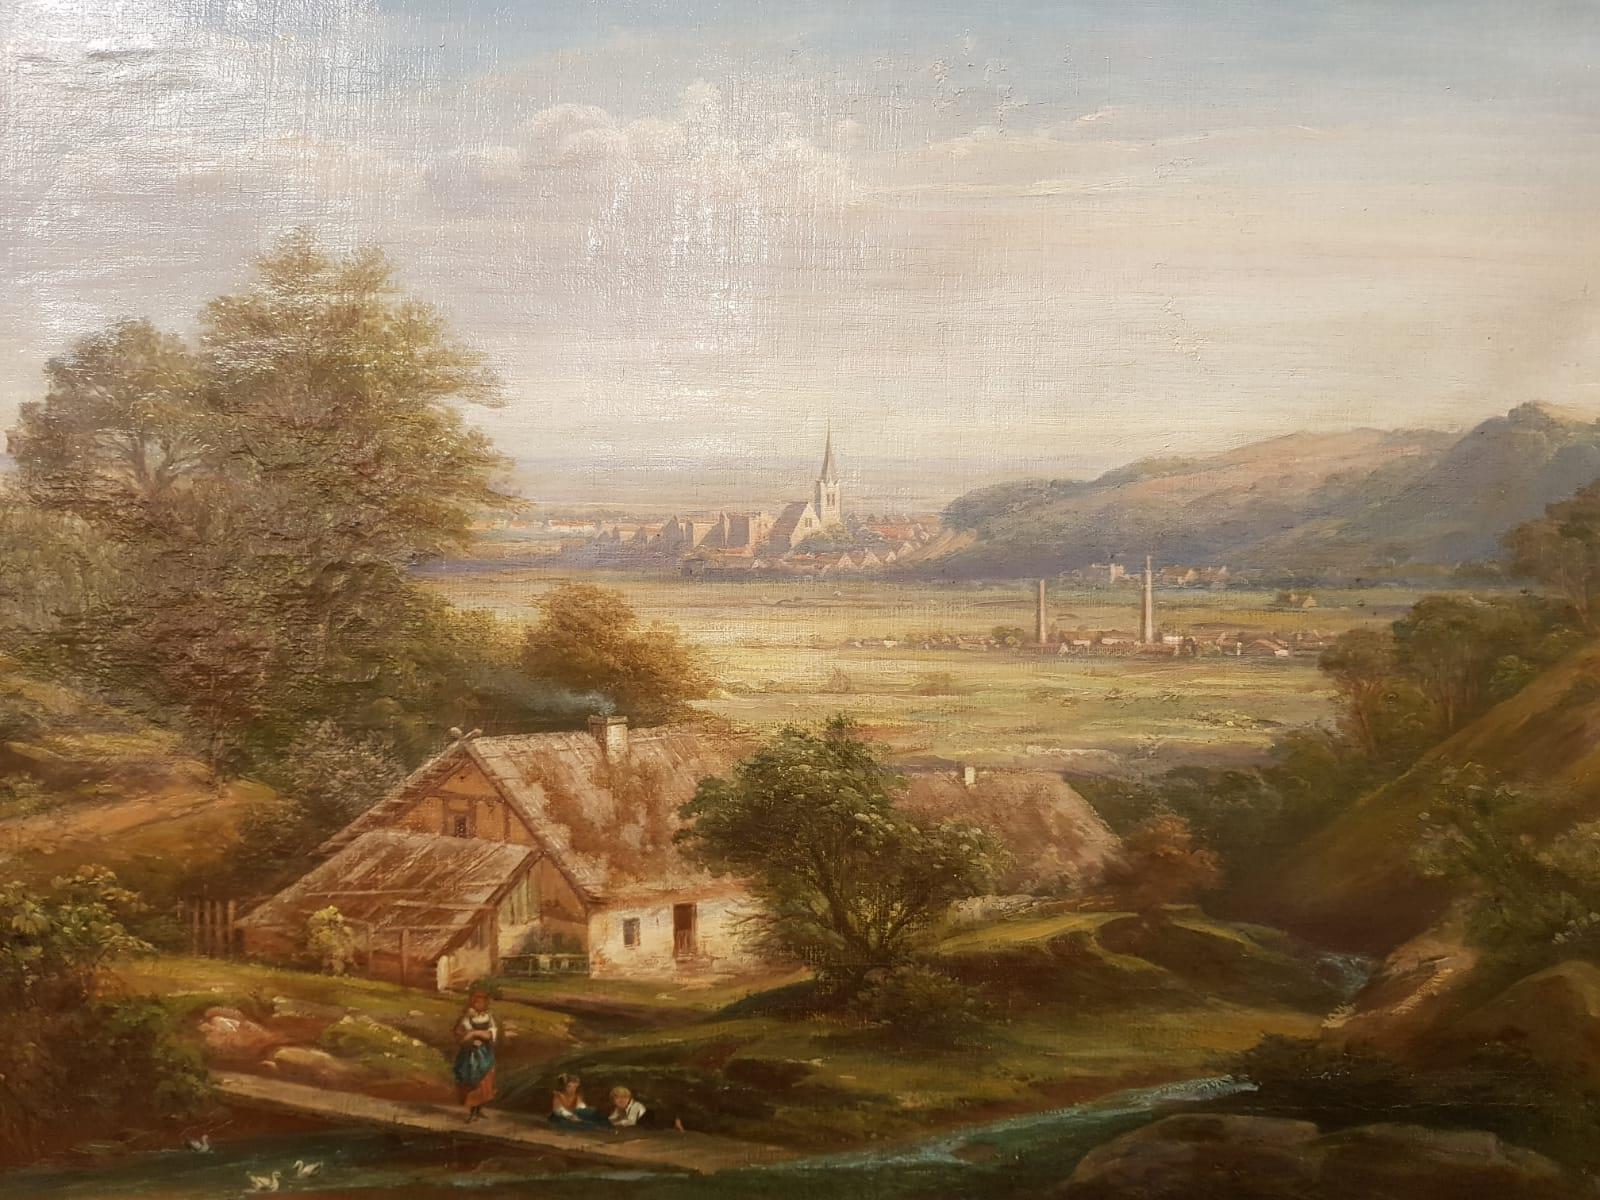 Landschaftsgemälde Industrialisierung • Antiquitäten